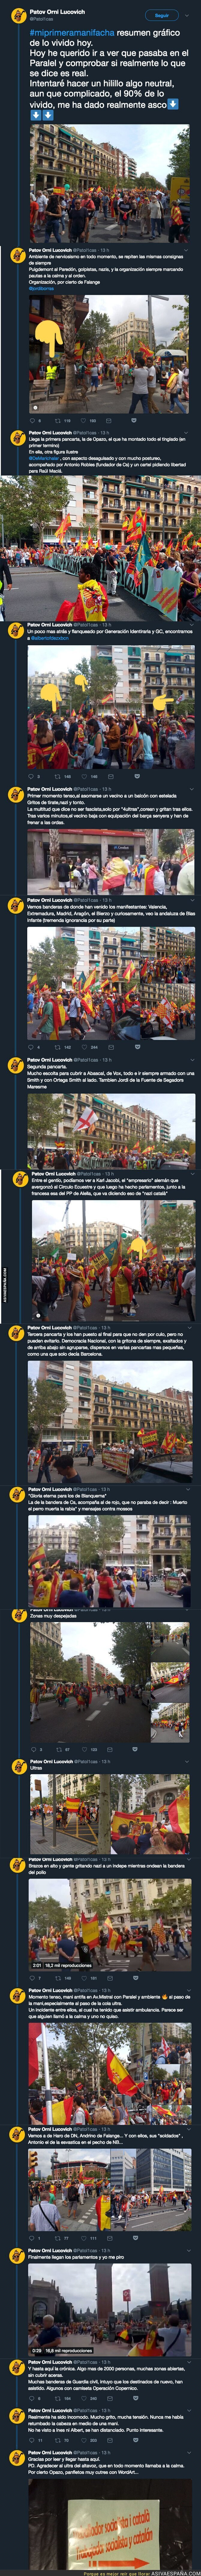 92853 - Viviendo una manifestación facha en Barcelona desde dentro con gran cantidad de material gráfico